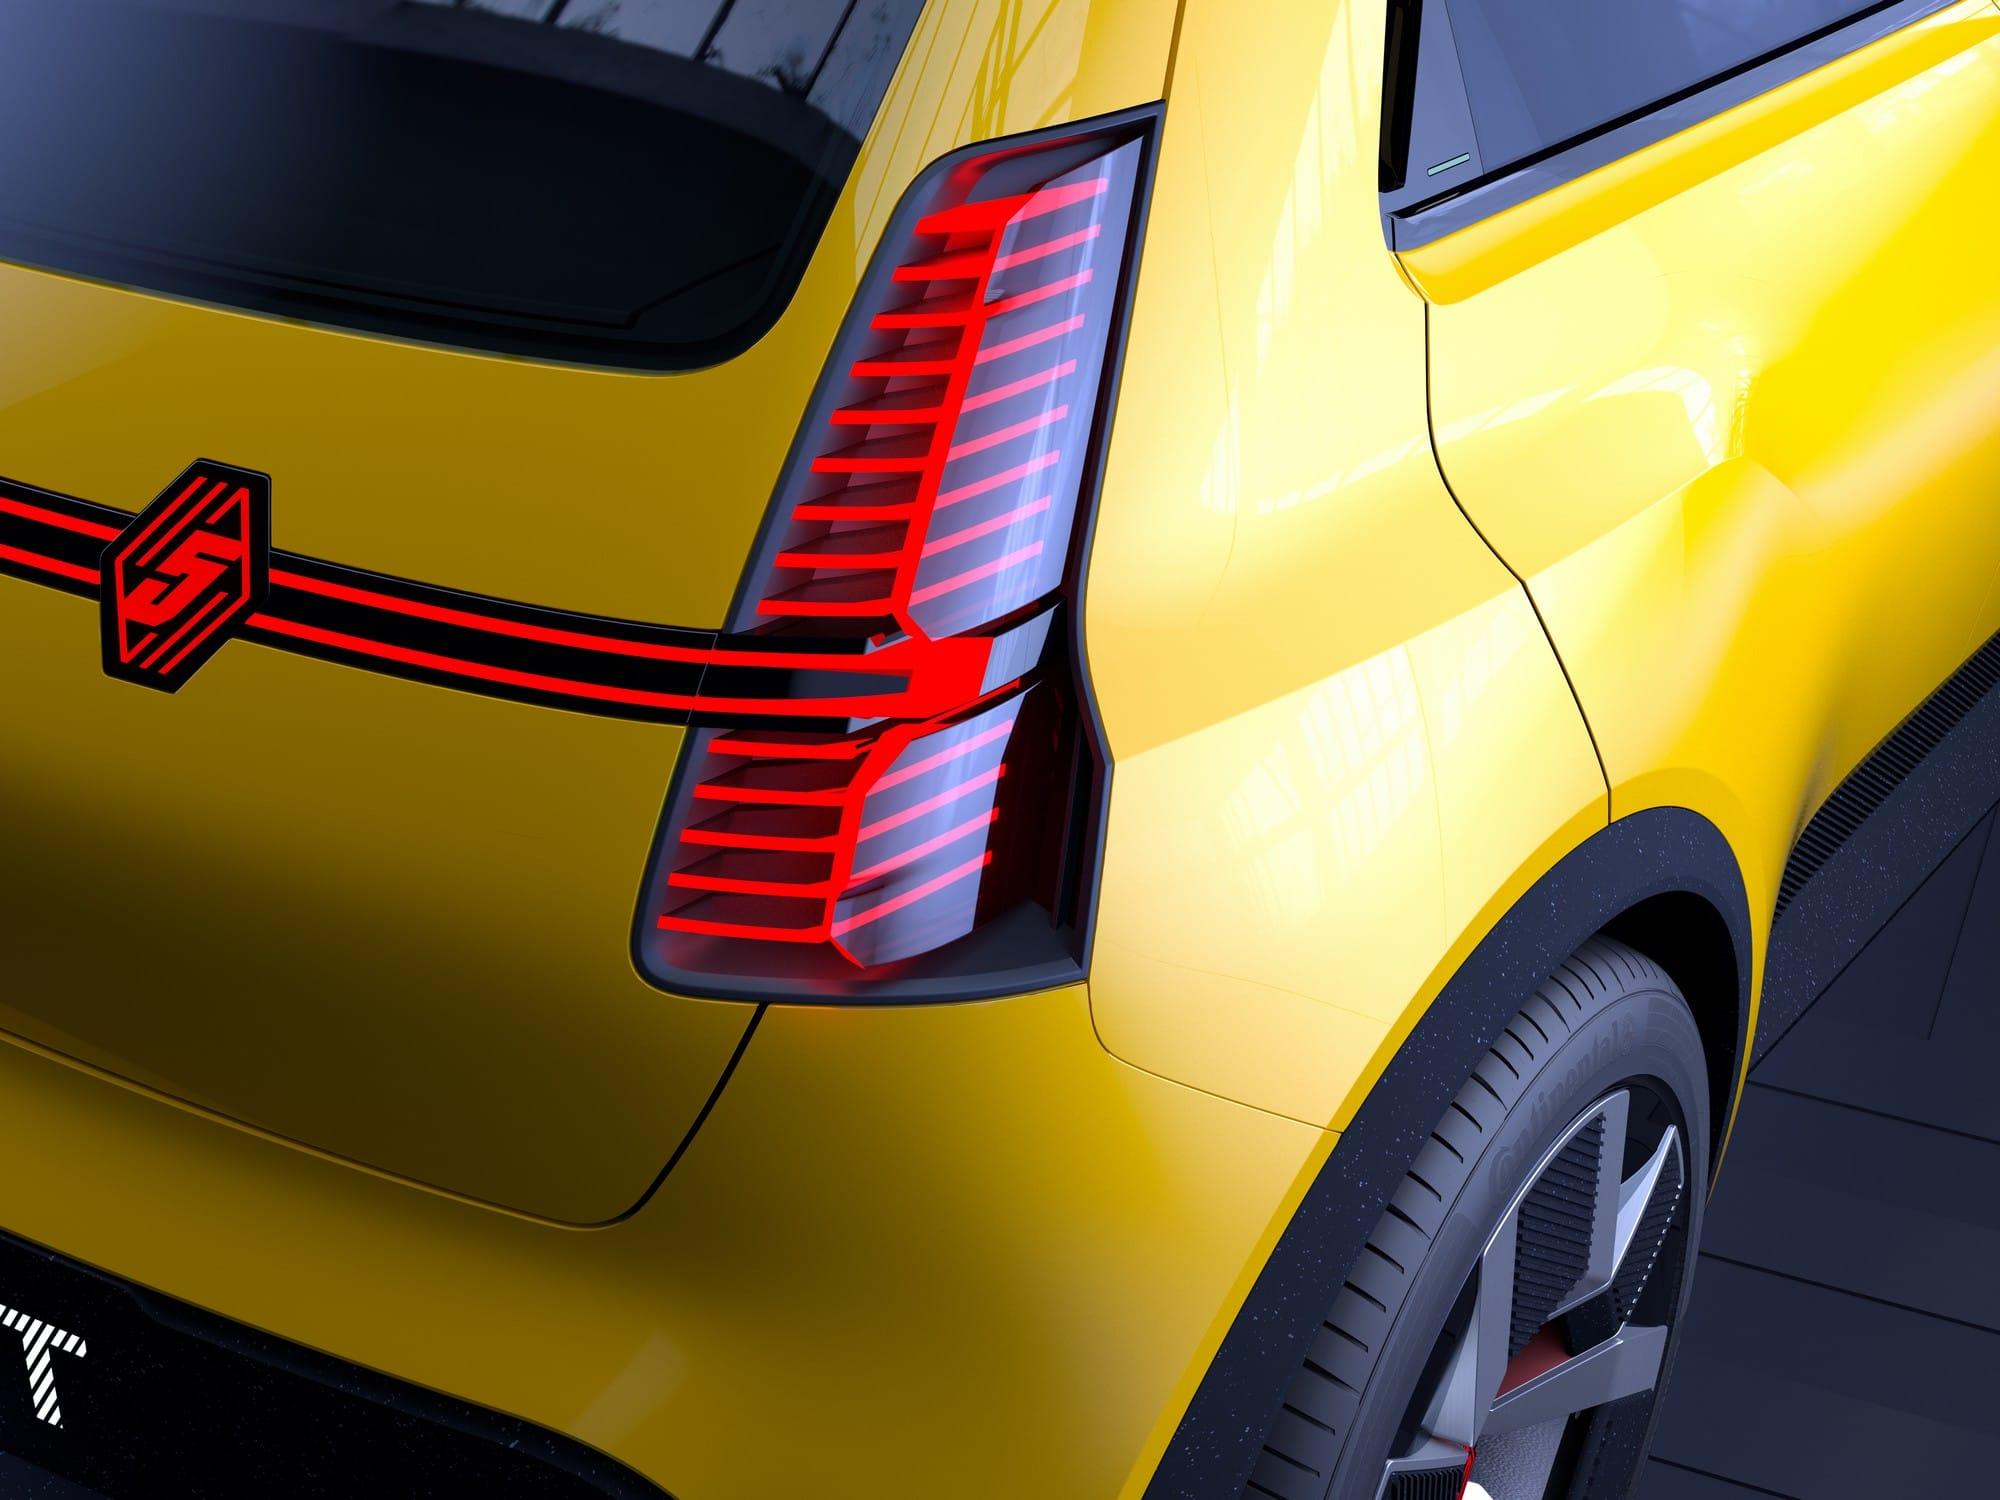 Renault 5 prototRenault 5 prototype showcar conceptype shwocar concept